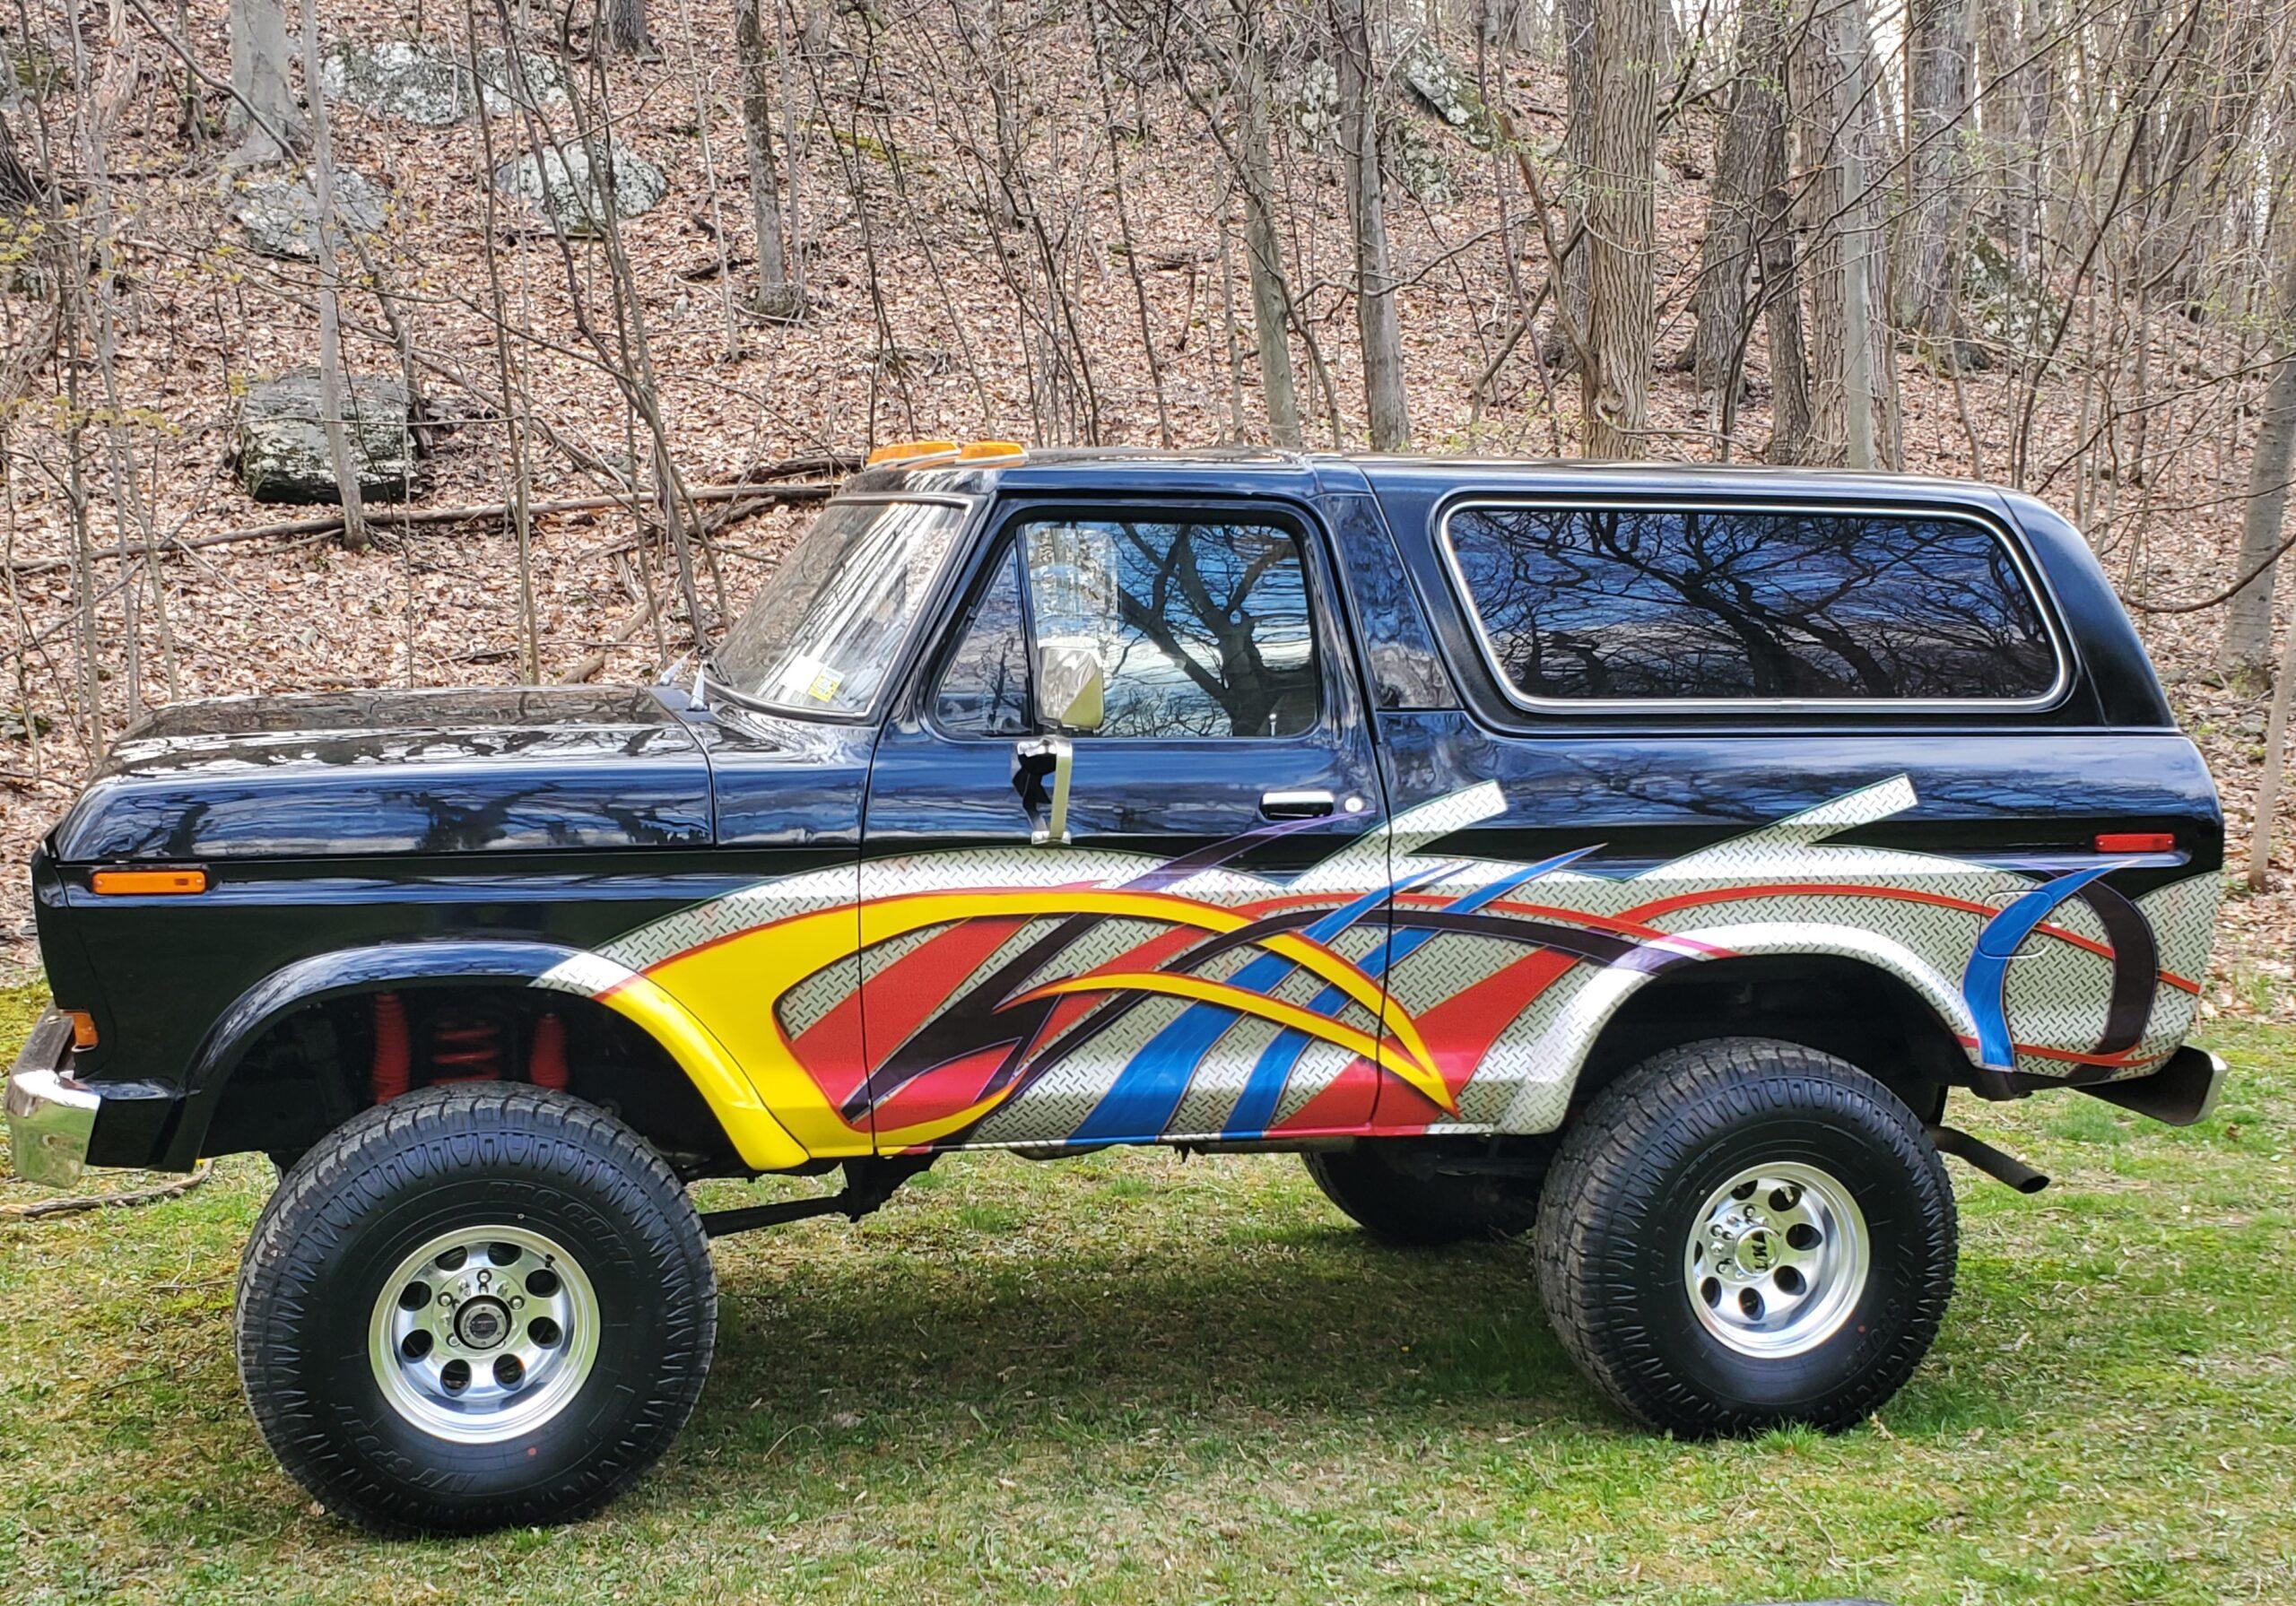 George Bazata - Clinton Corners, N.Y. - 1979 Ford Bronco